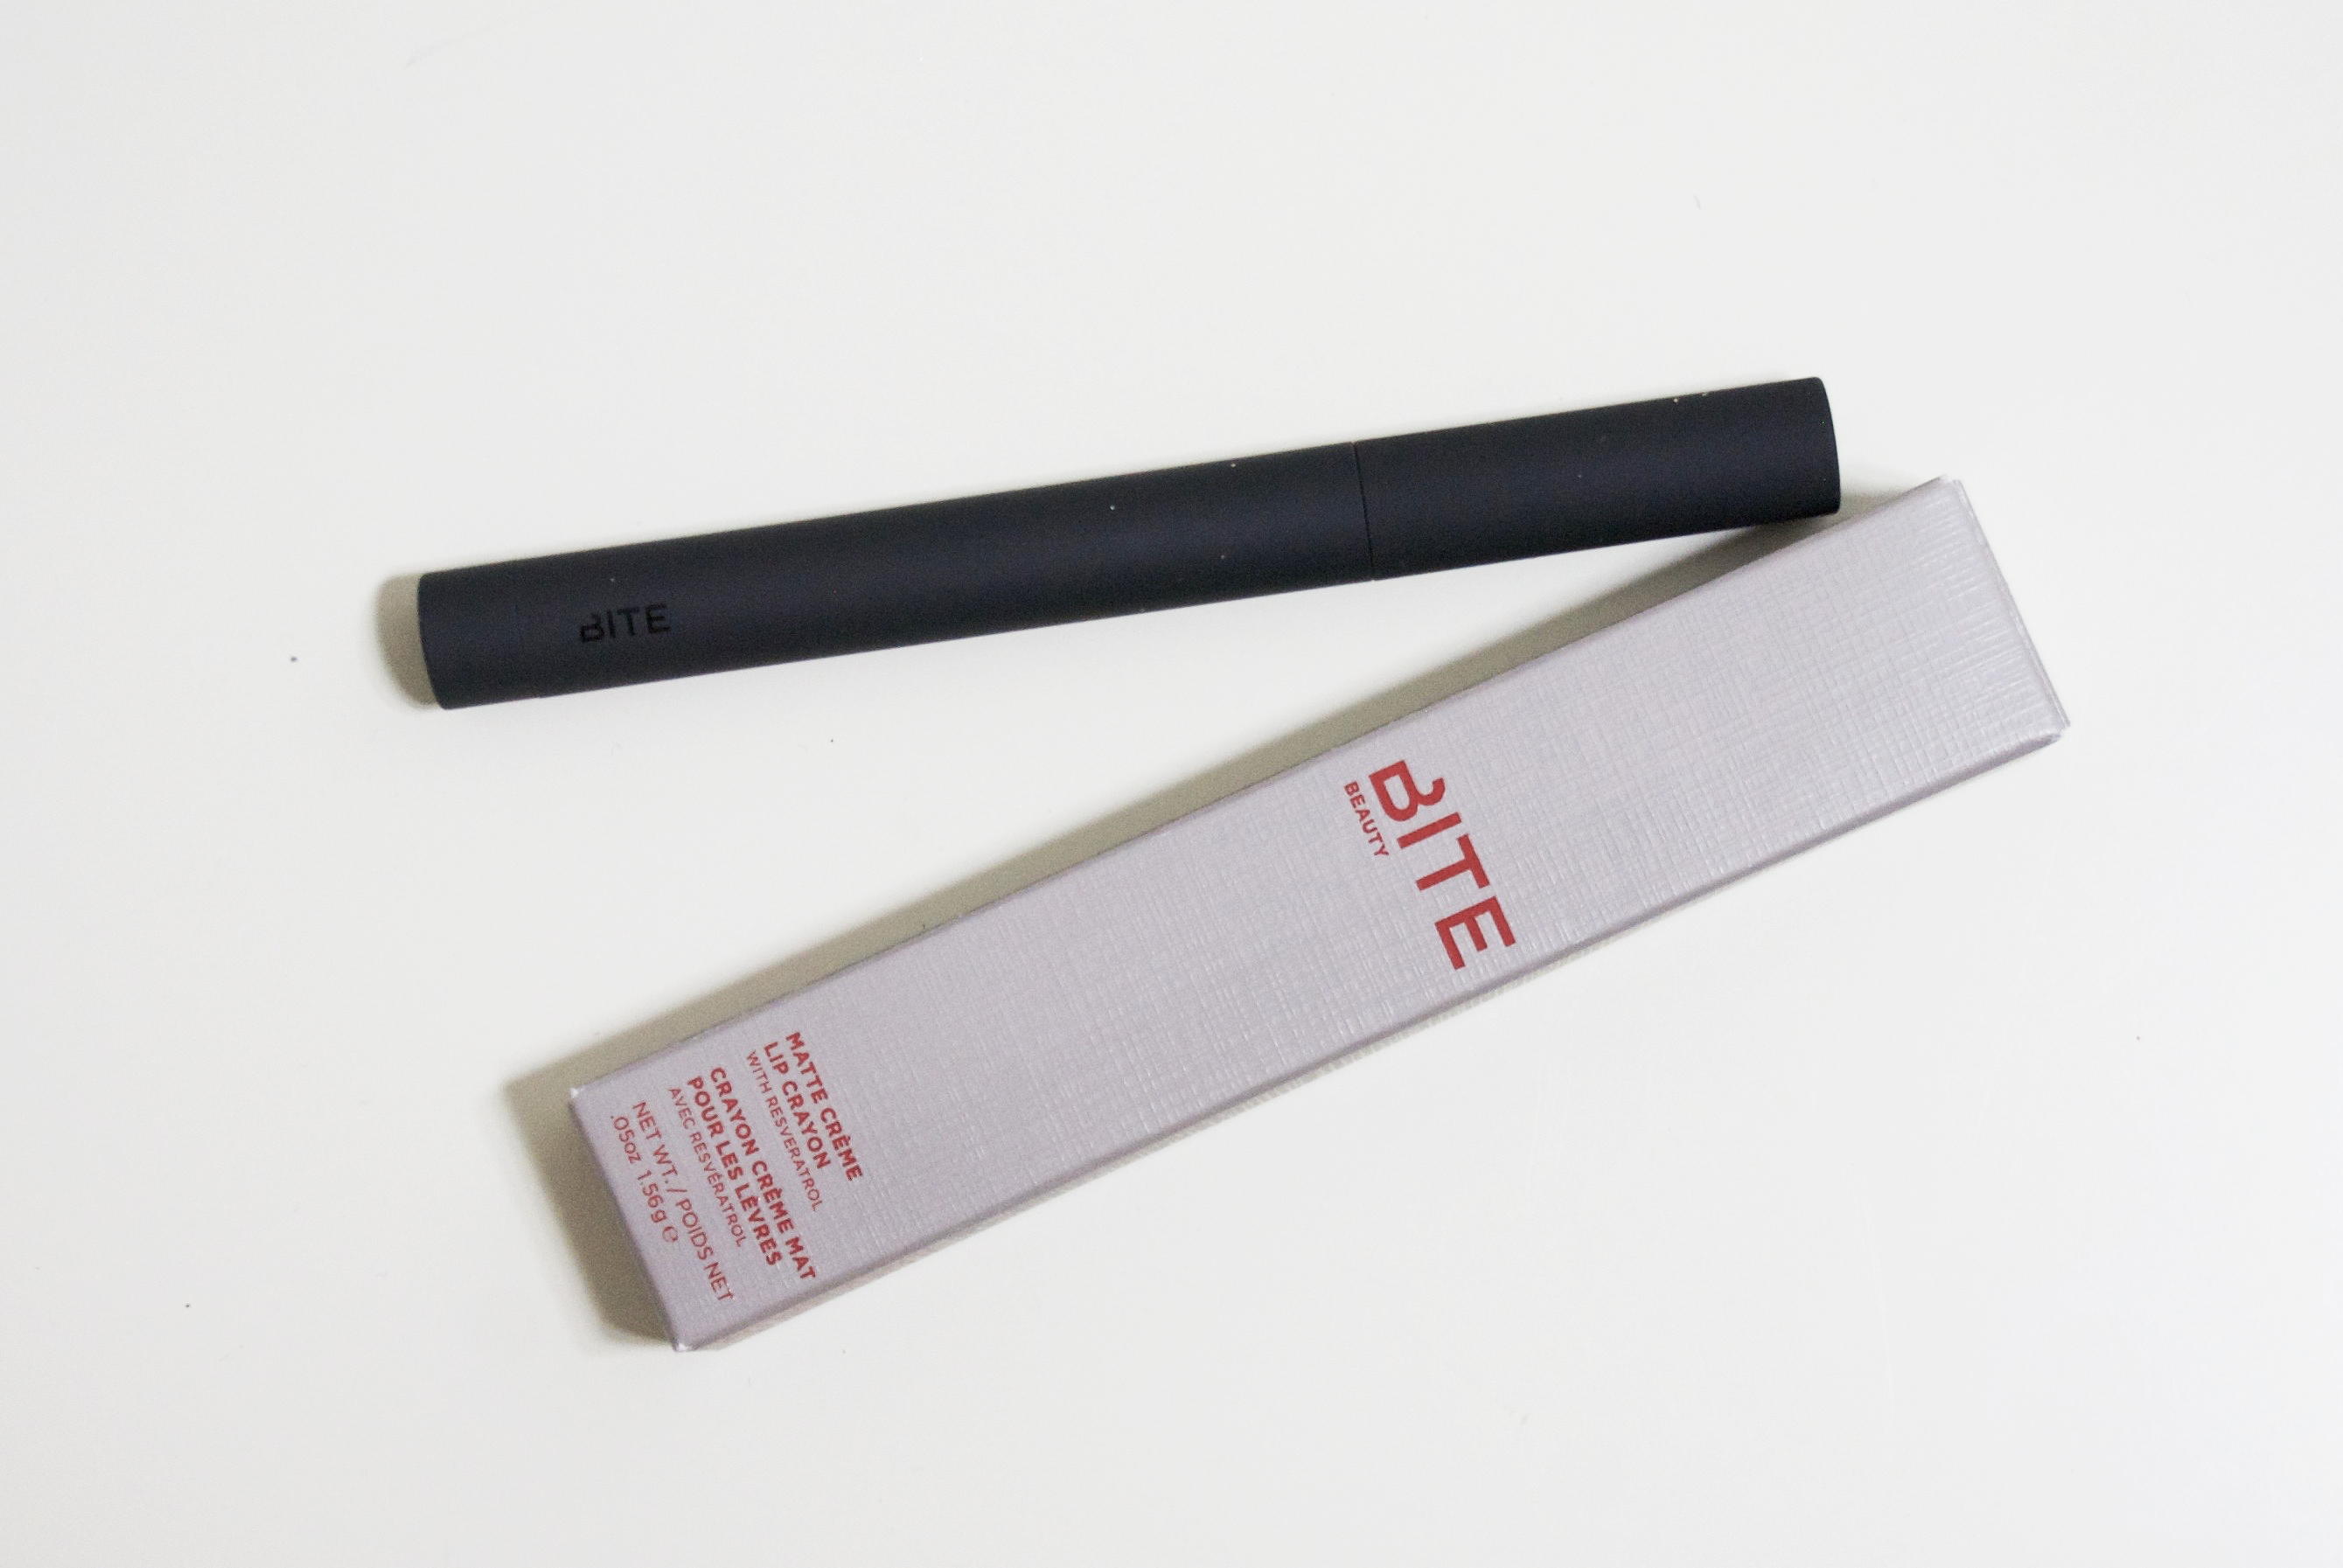 BITE Lip Pencil with box